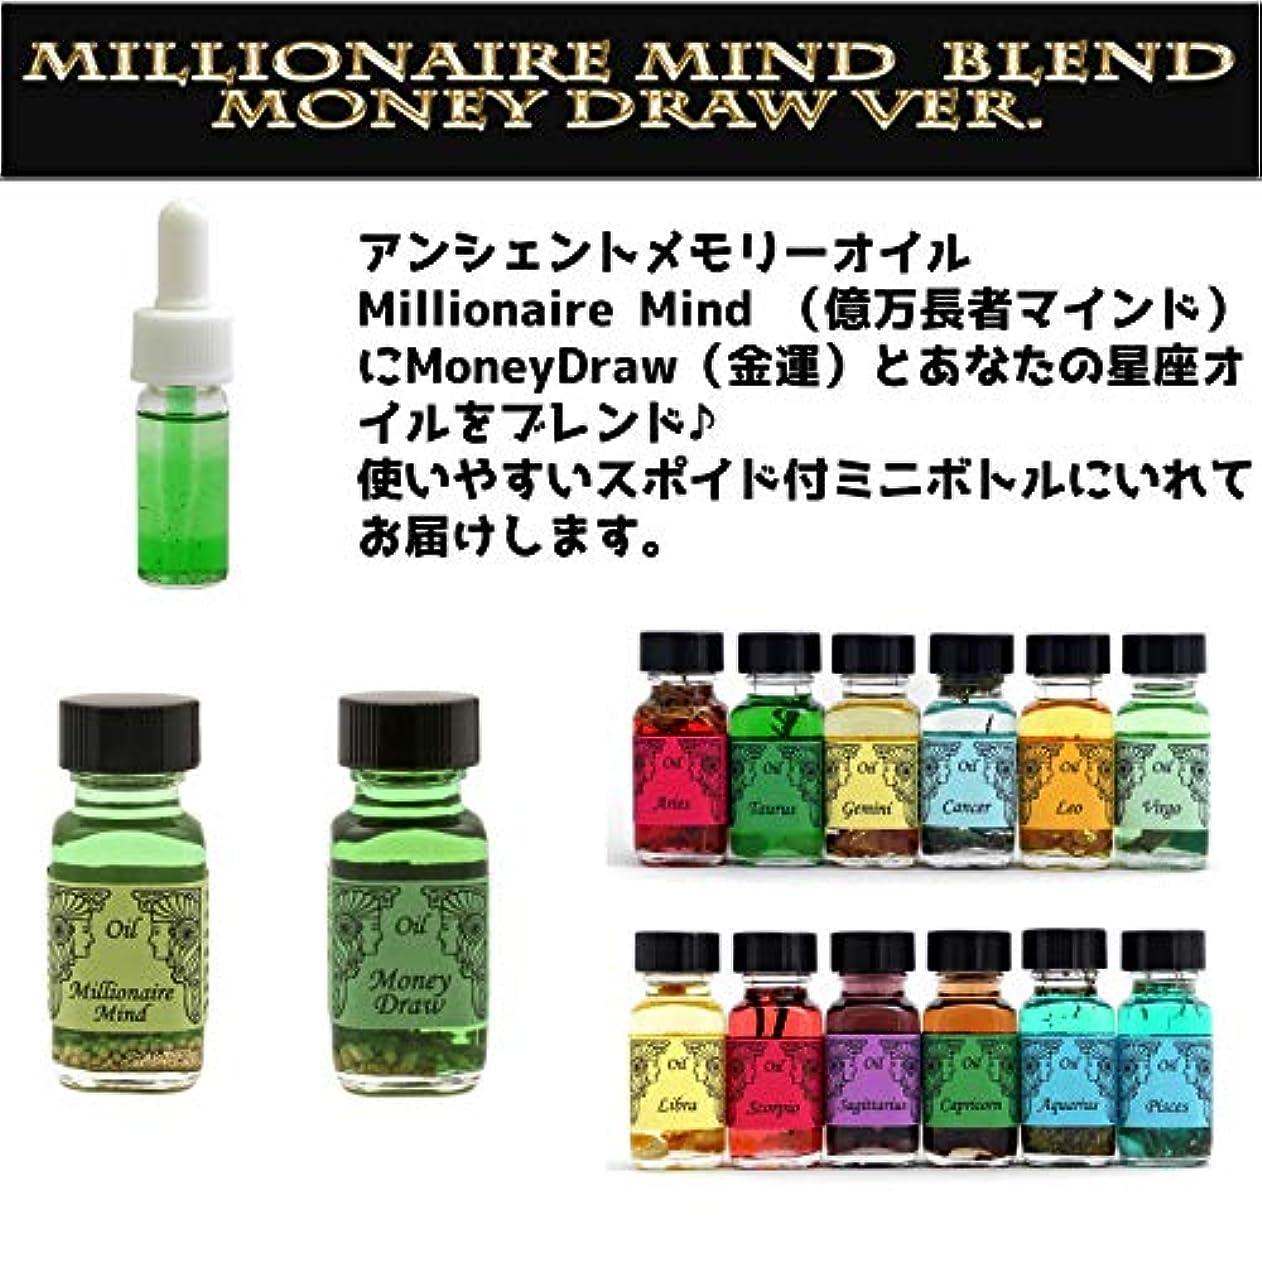 アンシェントメモリーオイル Millionaire Mind 億万長者マインド ブレンド(Money Drawマネードロー(金運)&みずがめ座